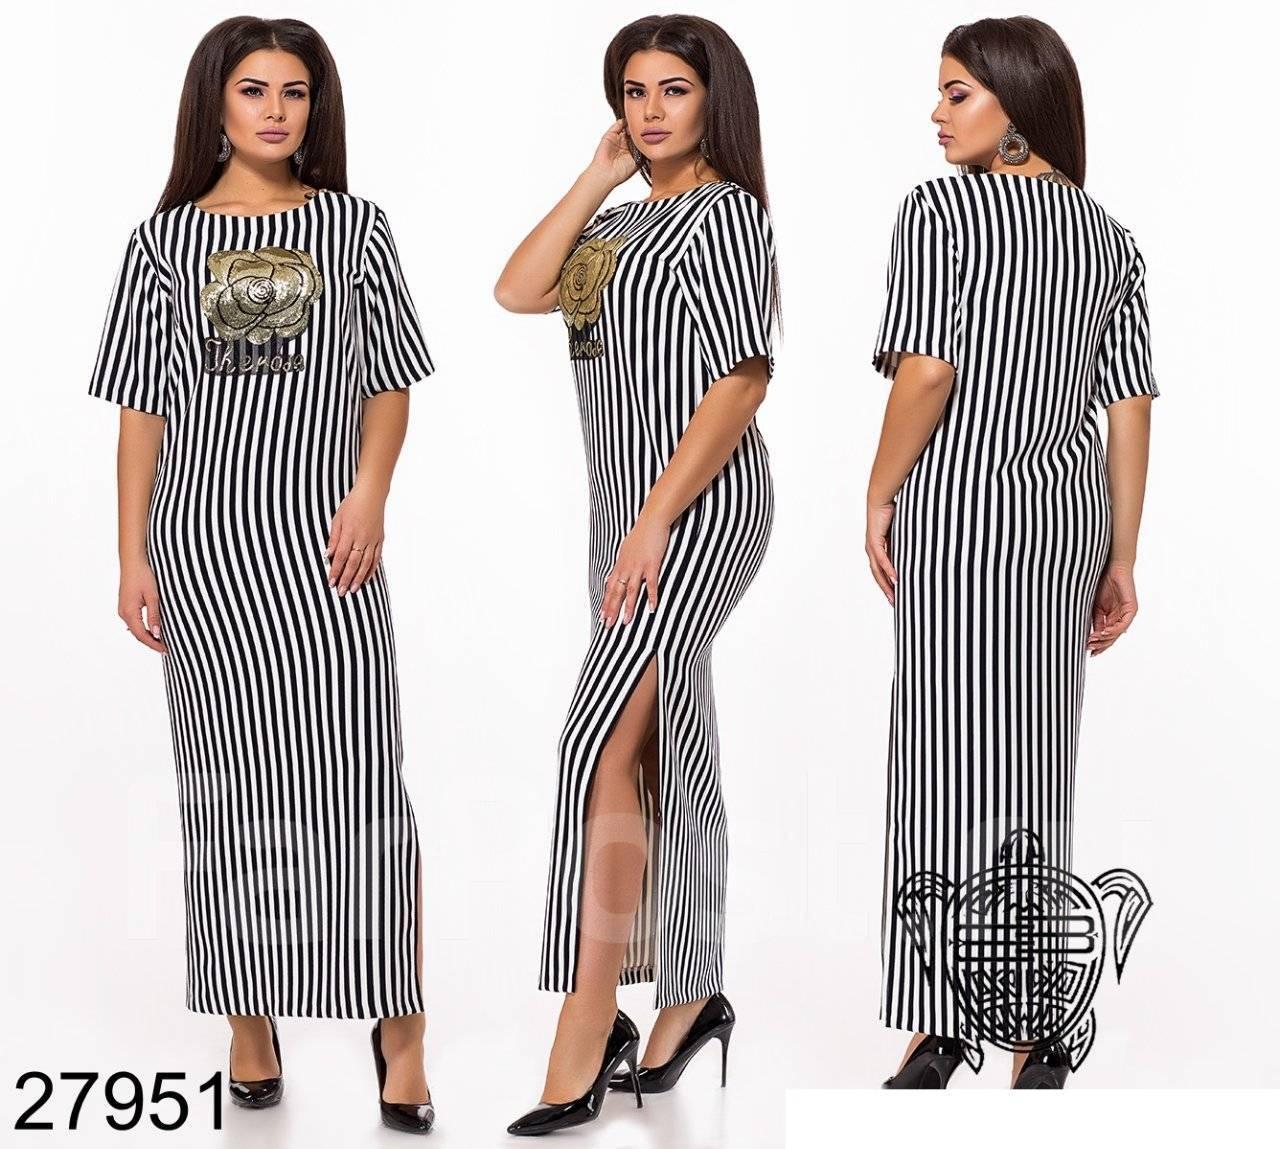 c761522e007 Купить женские платья Размер  50 размера во Владивостоке! Цены.